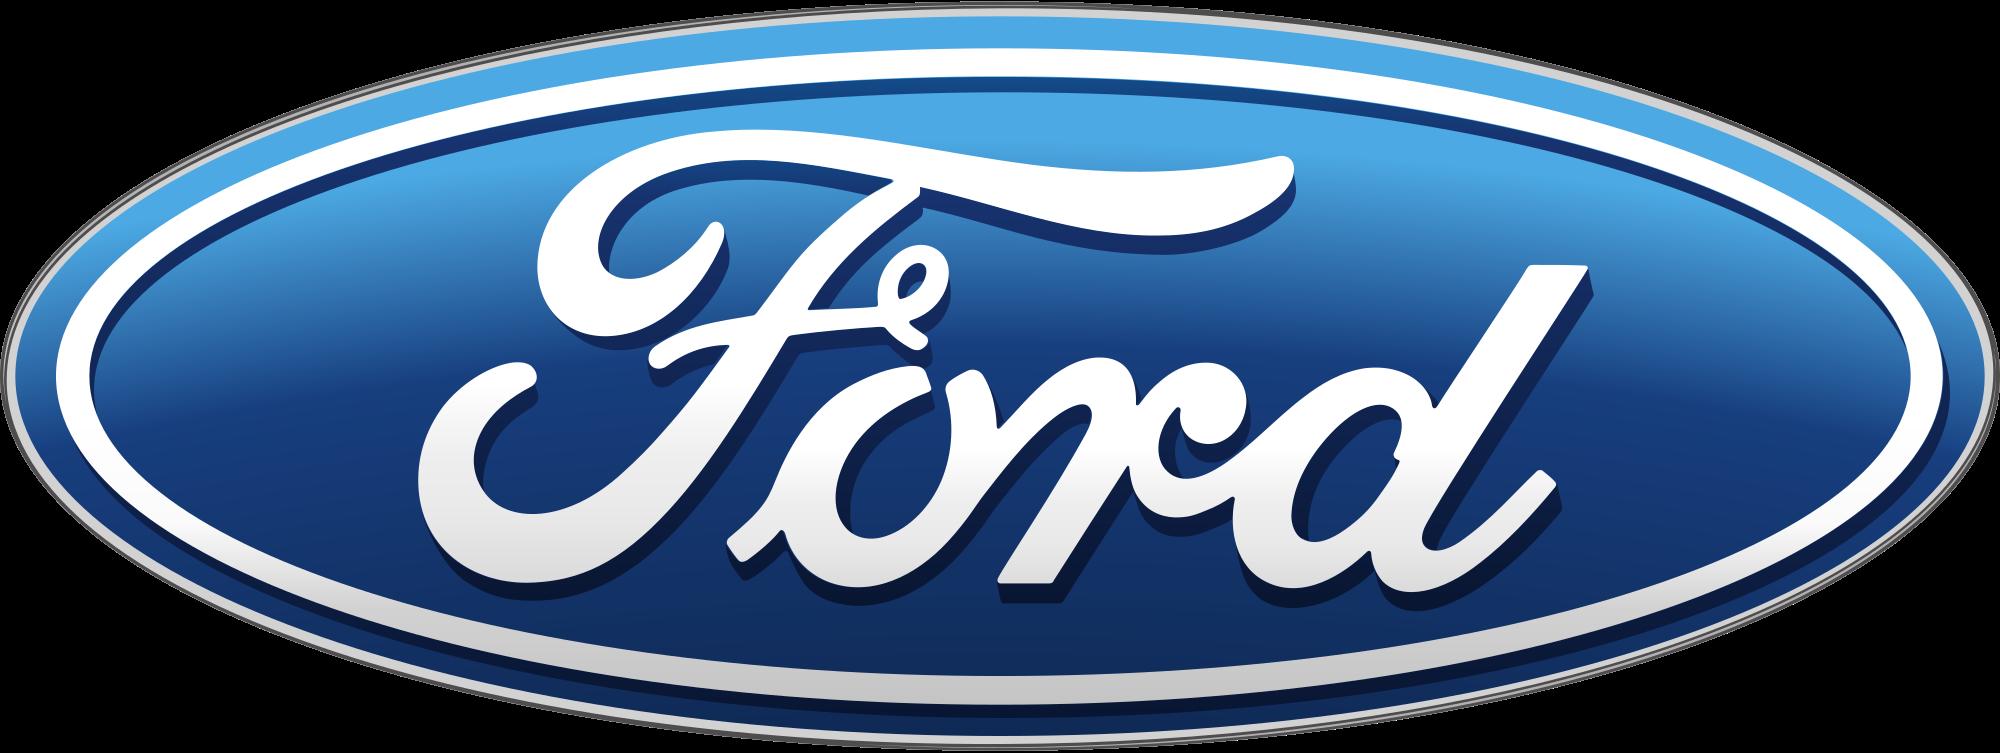 Manderbach Ford logo